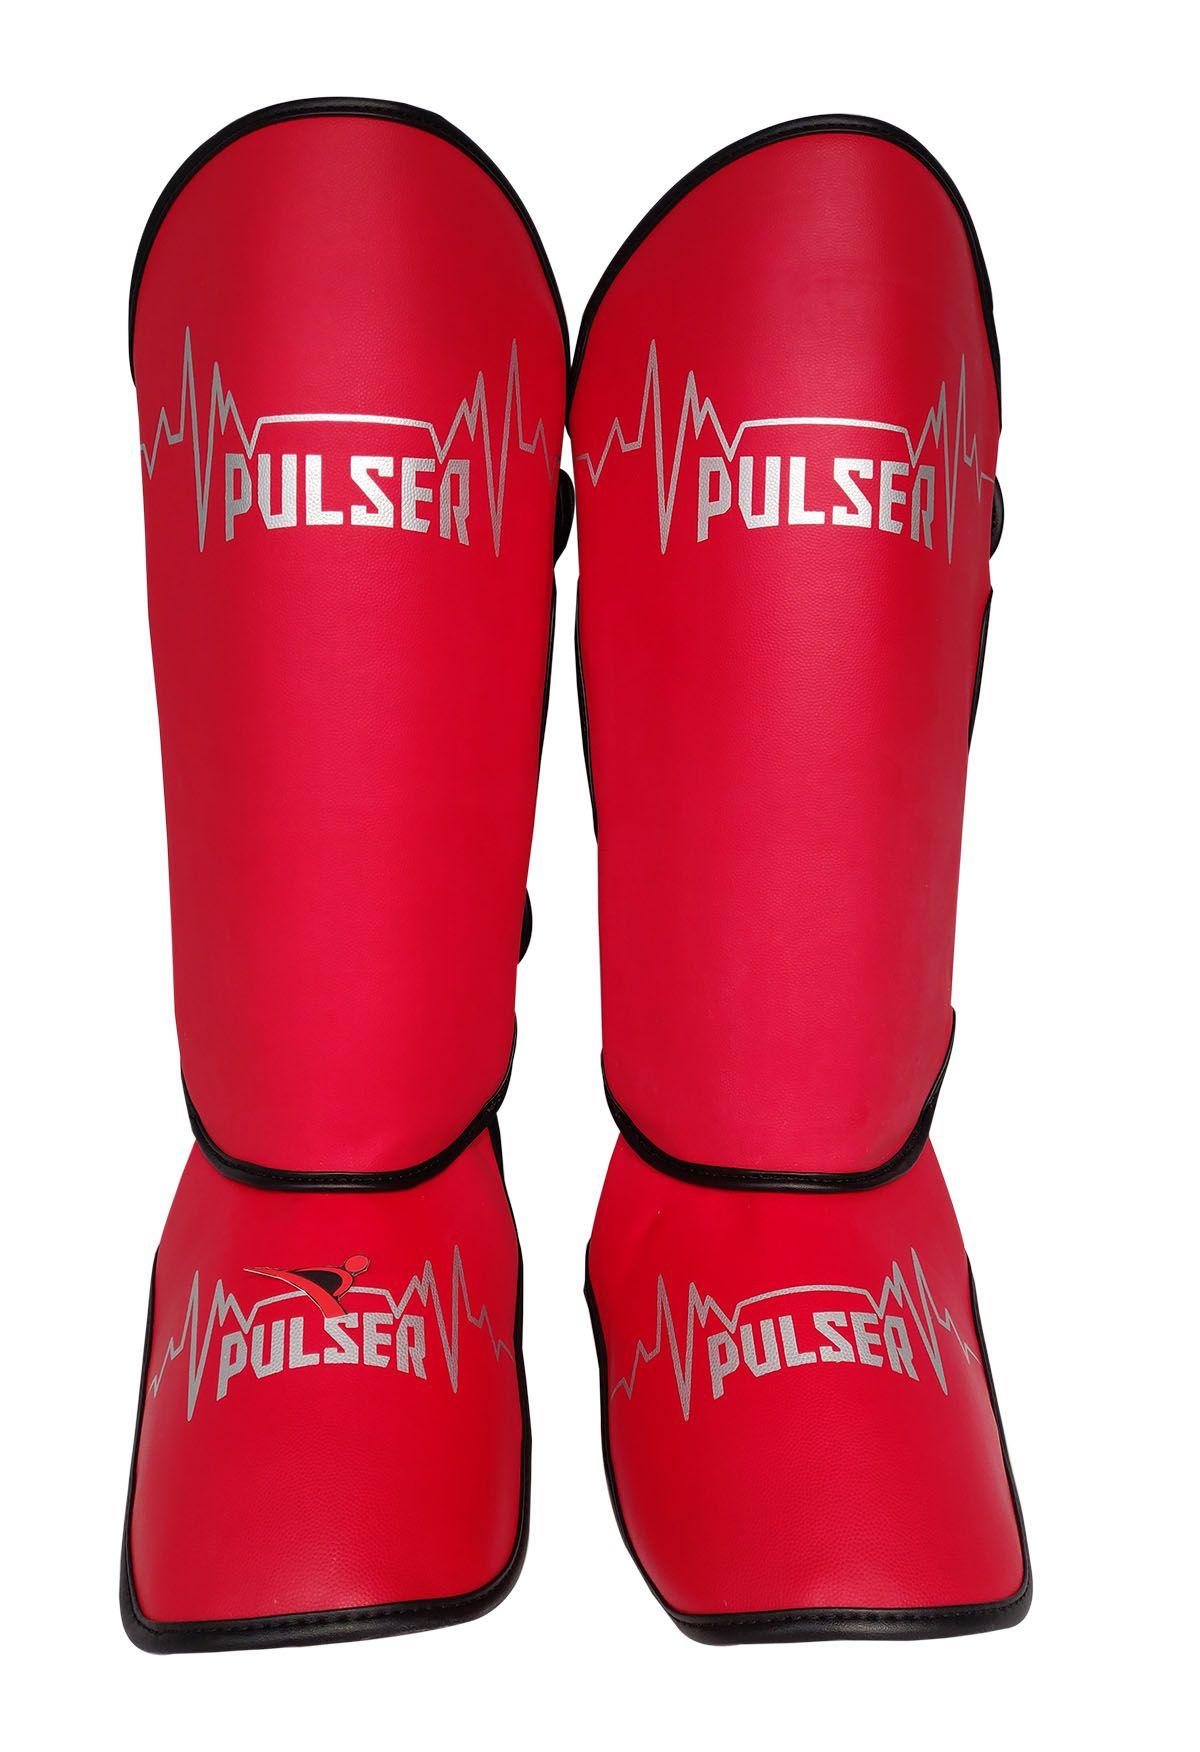 Kit de Muay Thai / Kickboxing 12oz - Vermelho Pulser - Pulser  - PRALUTA SHOP